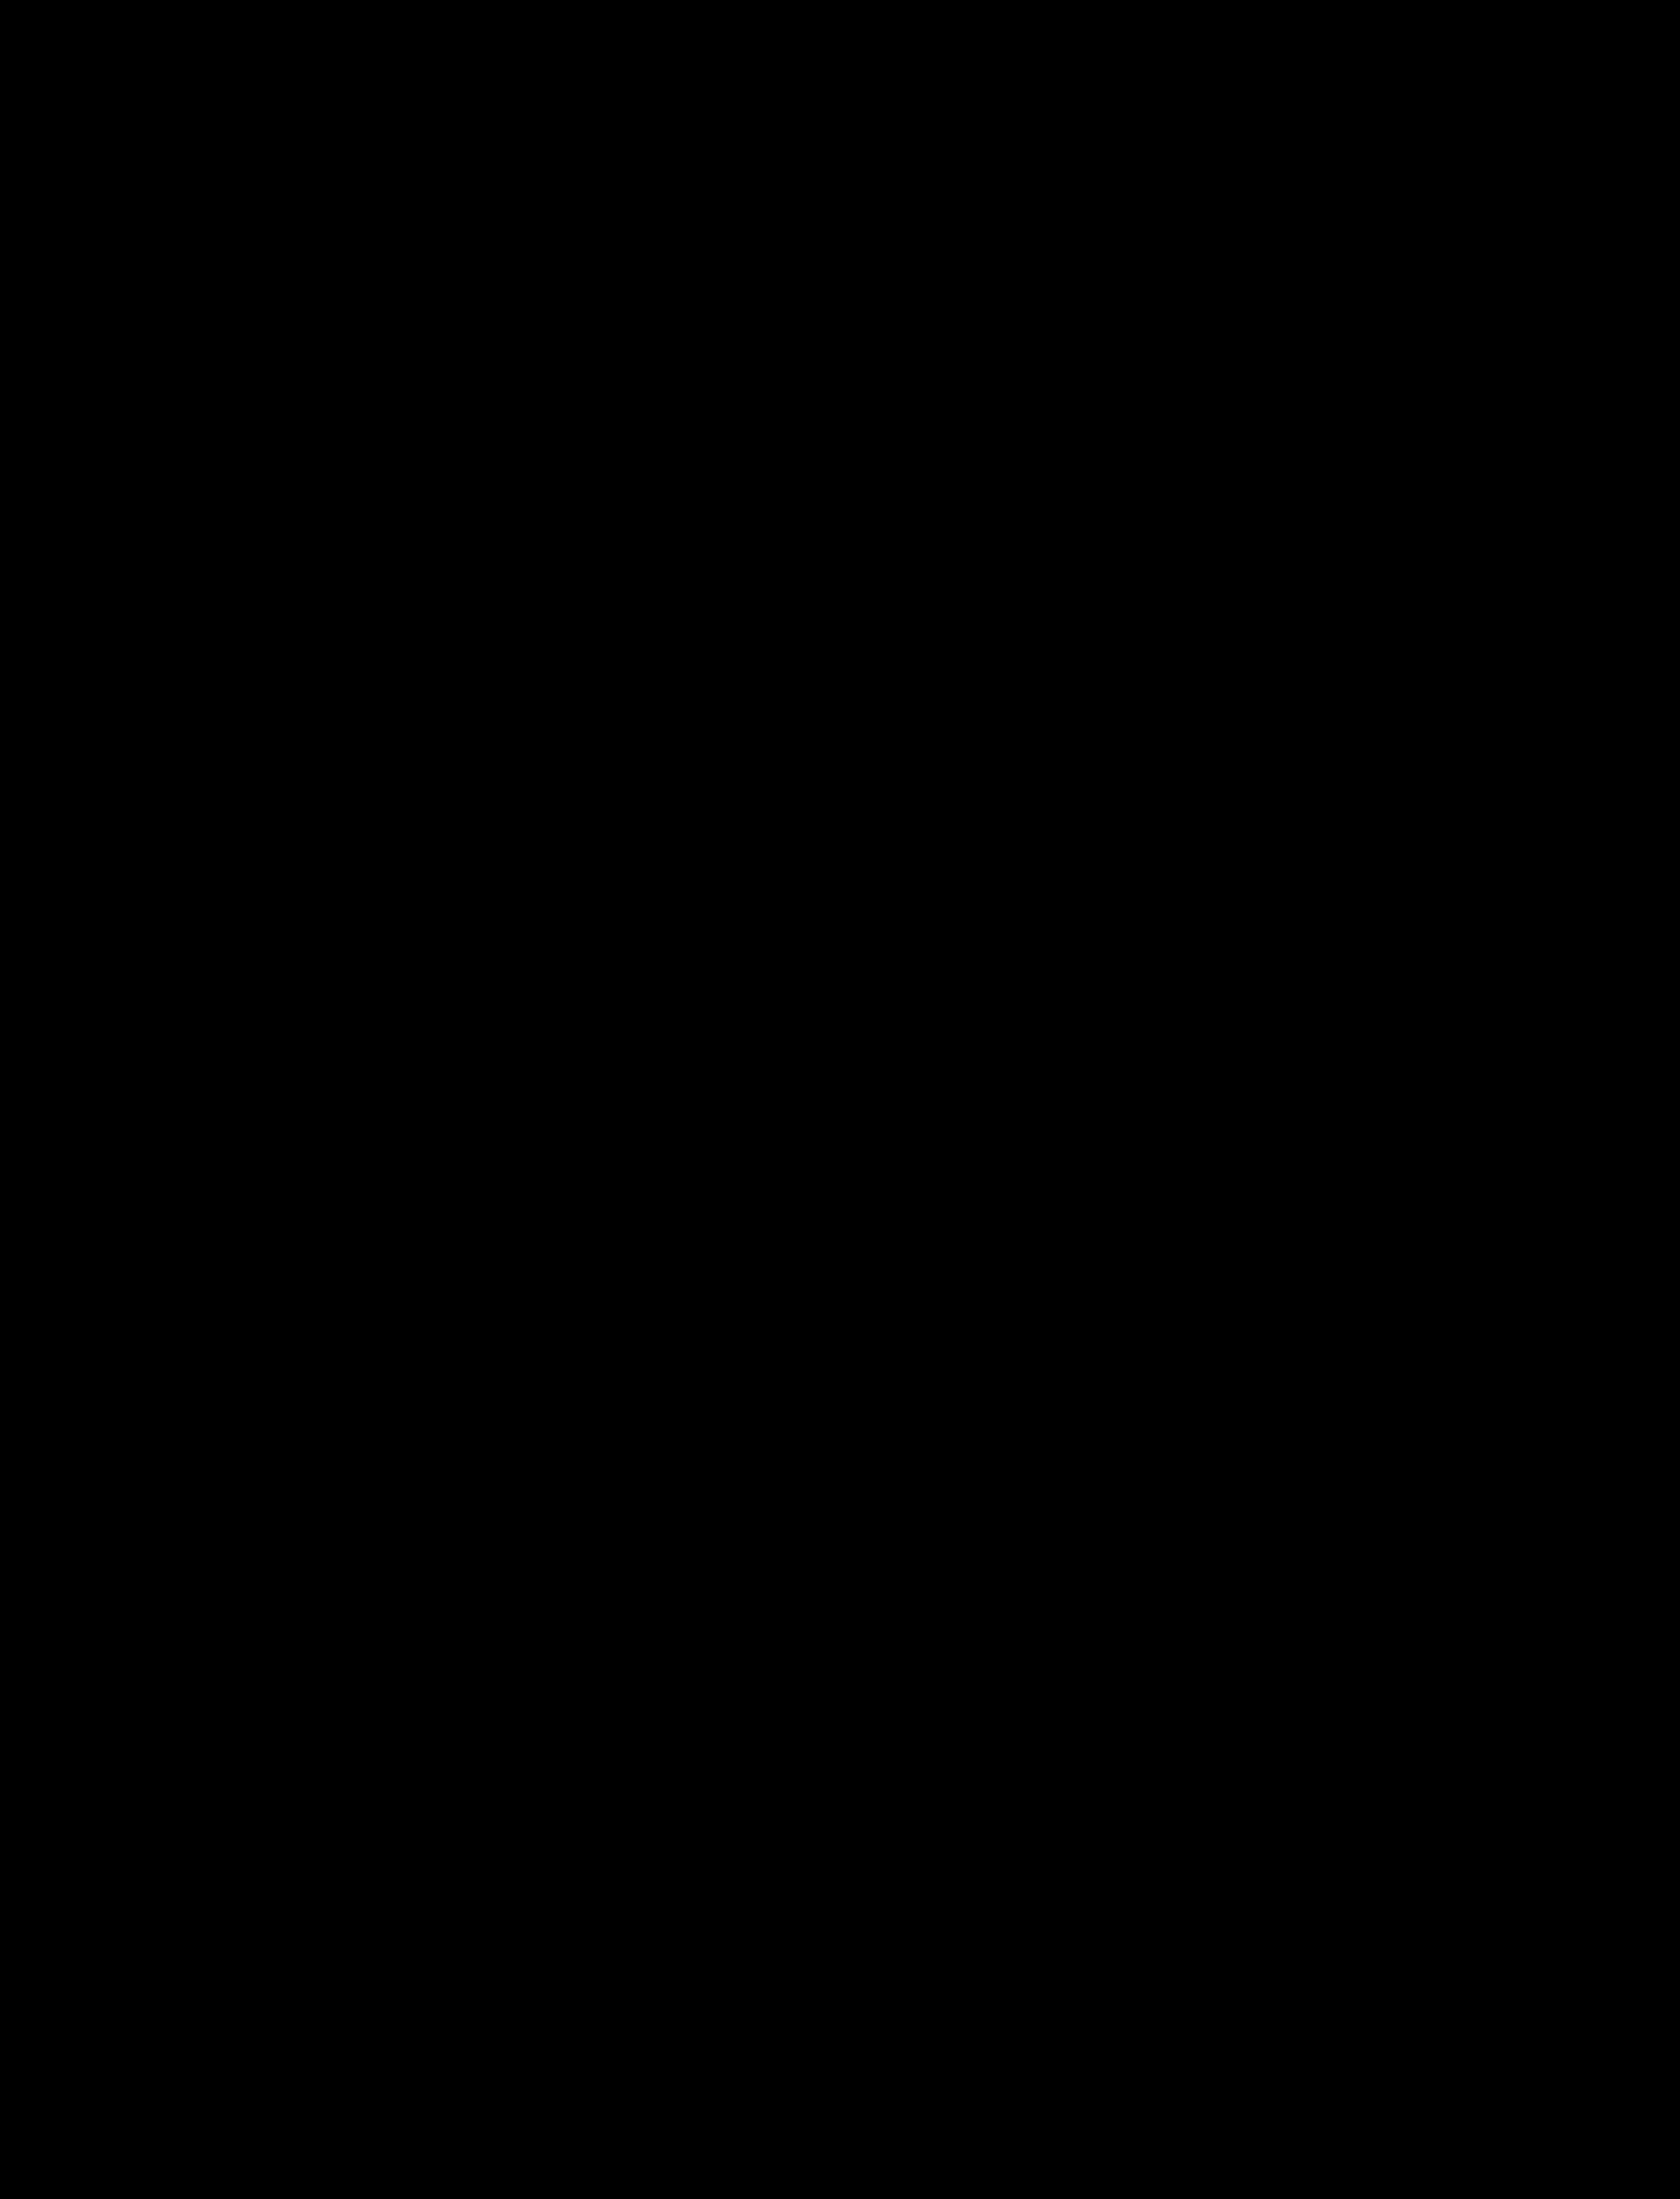 renault logo 7 - Renault Logo